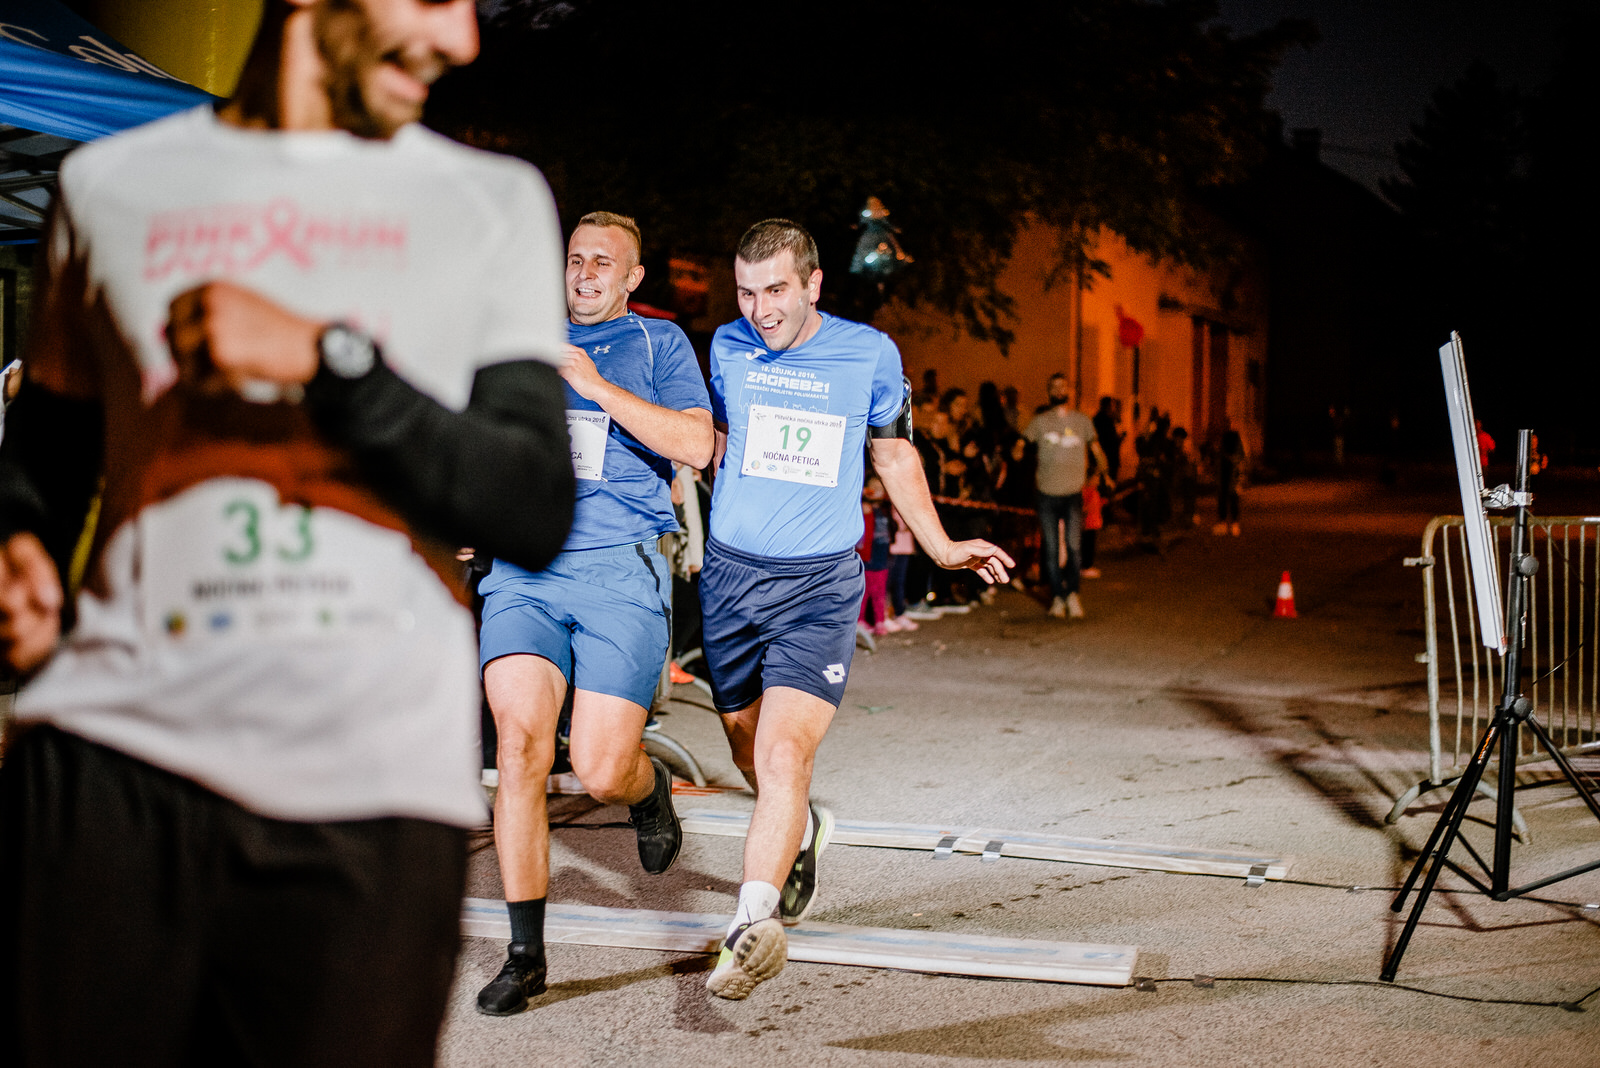 likaclub_korenica_noćna-utrka-2019-44